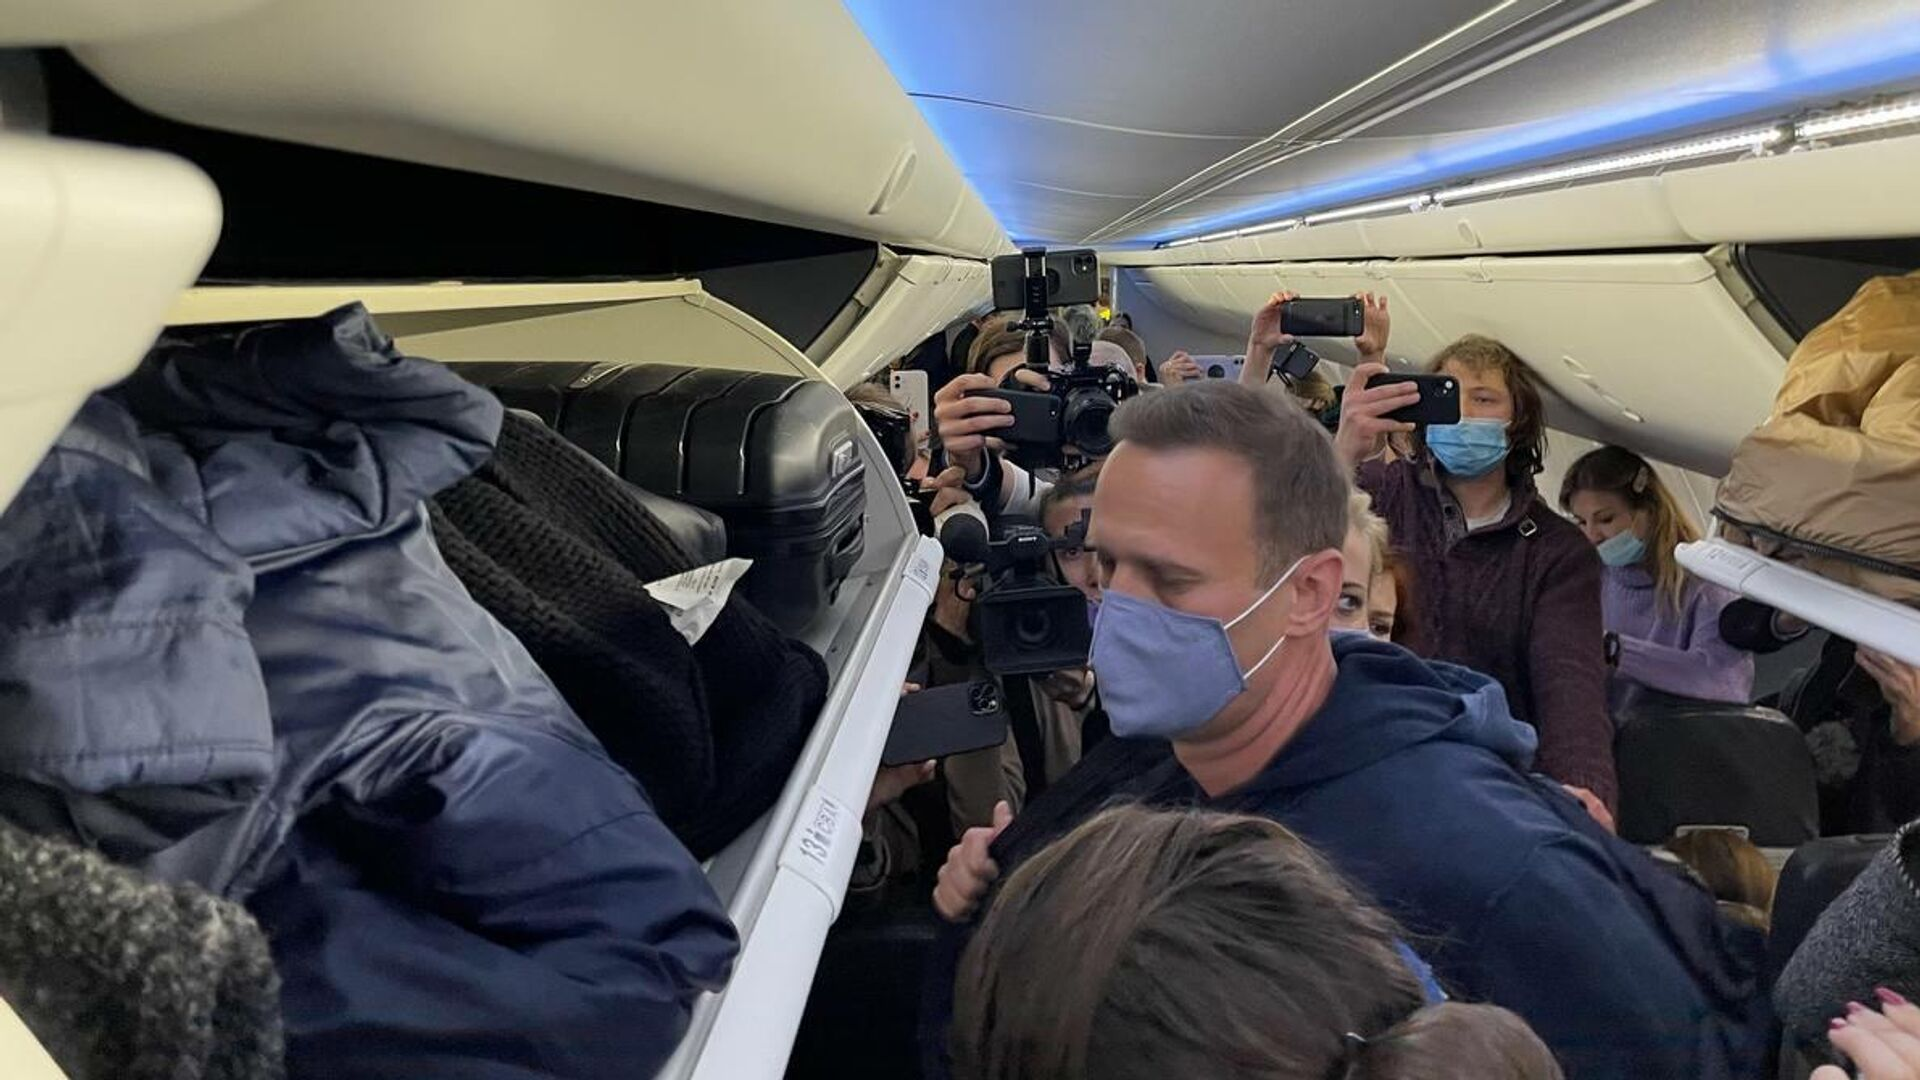 Алексей Навальный в салоне самолета авиакомпании Победа - РИА Новости, 1920, 24.01.2021